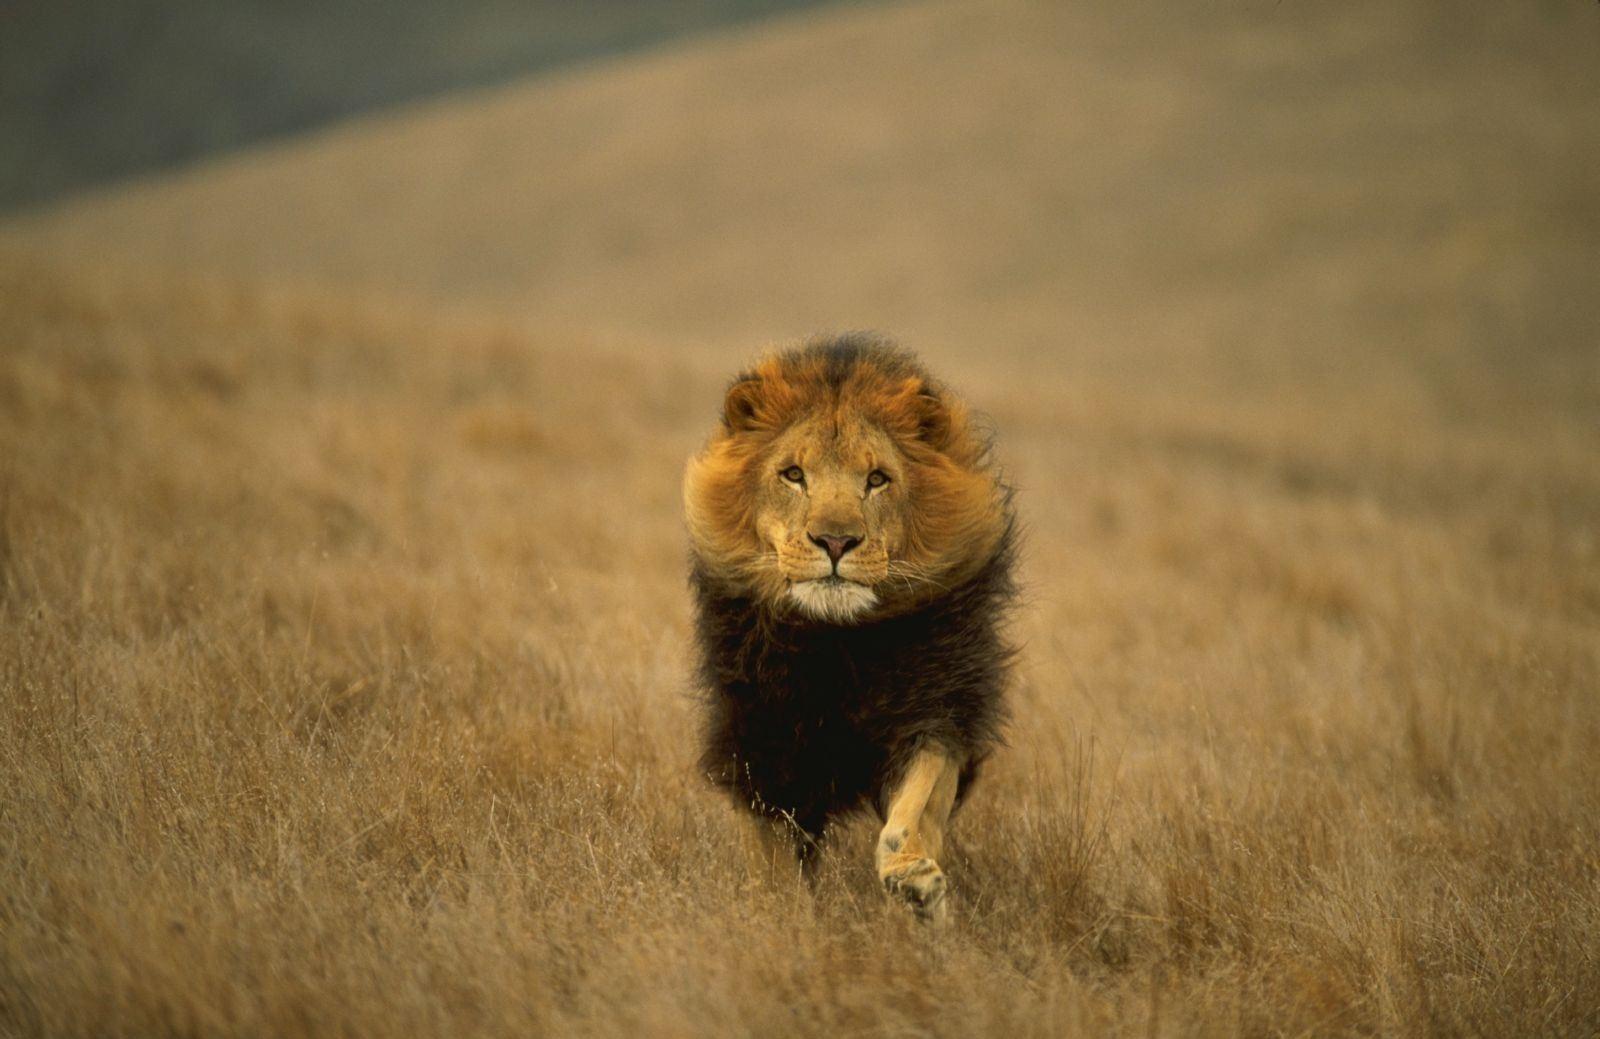 Lion Wallpaper 072